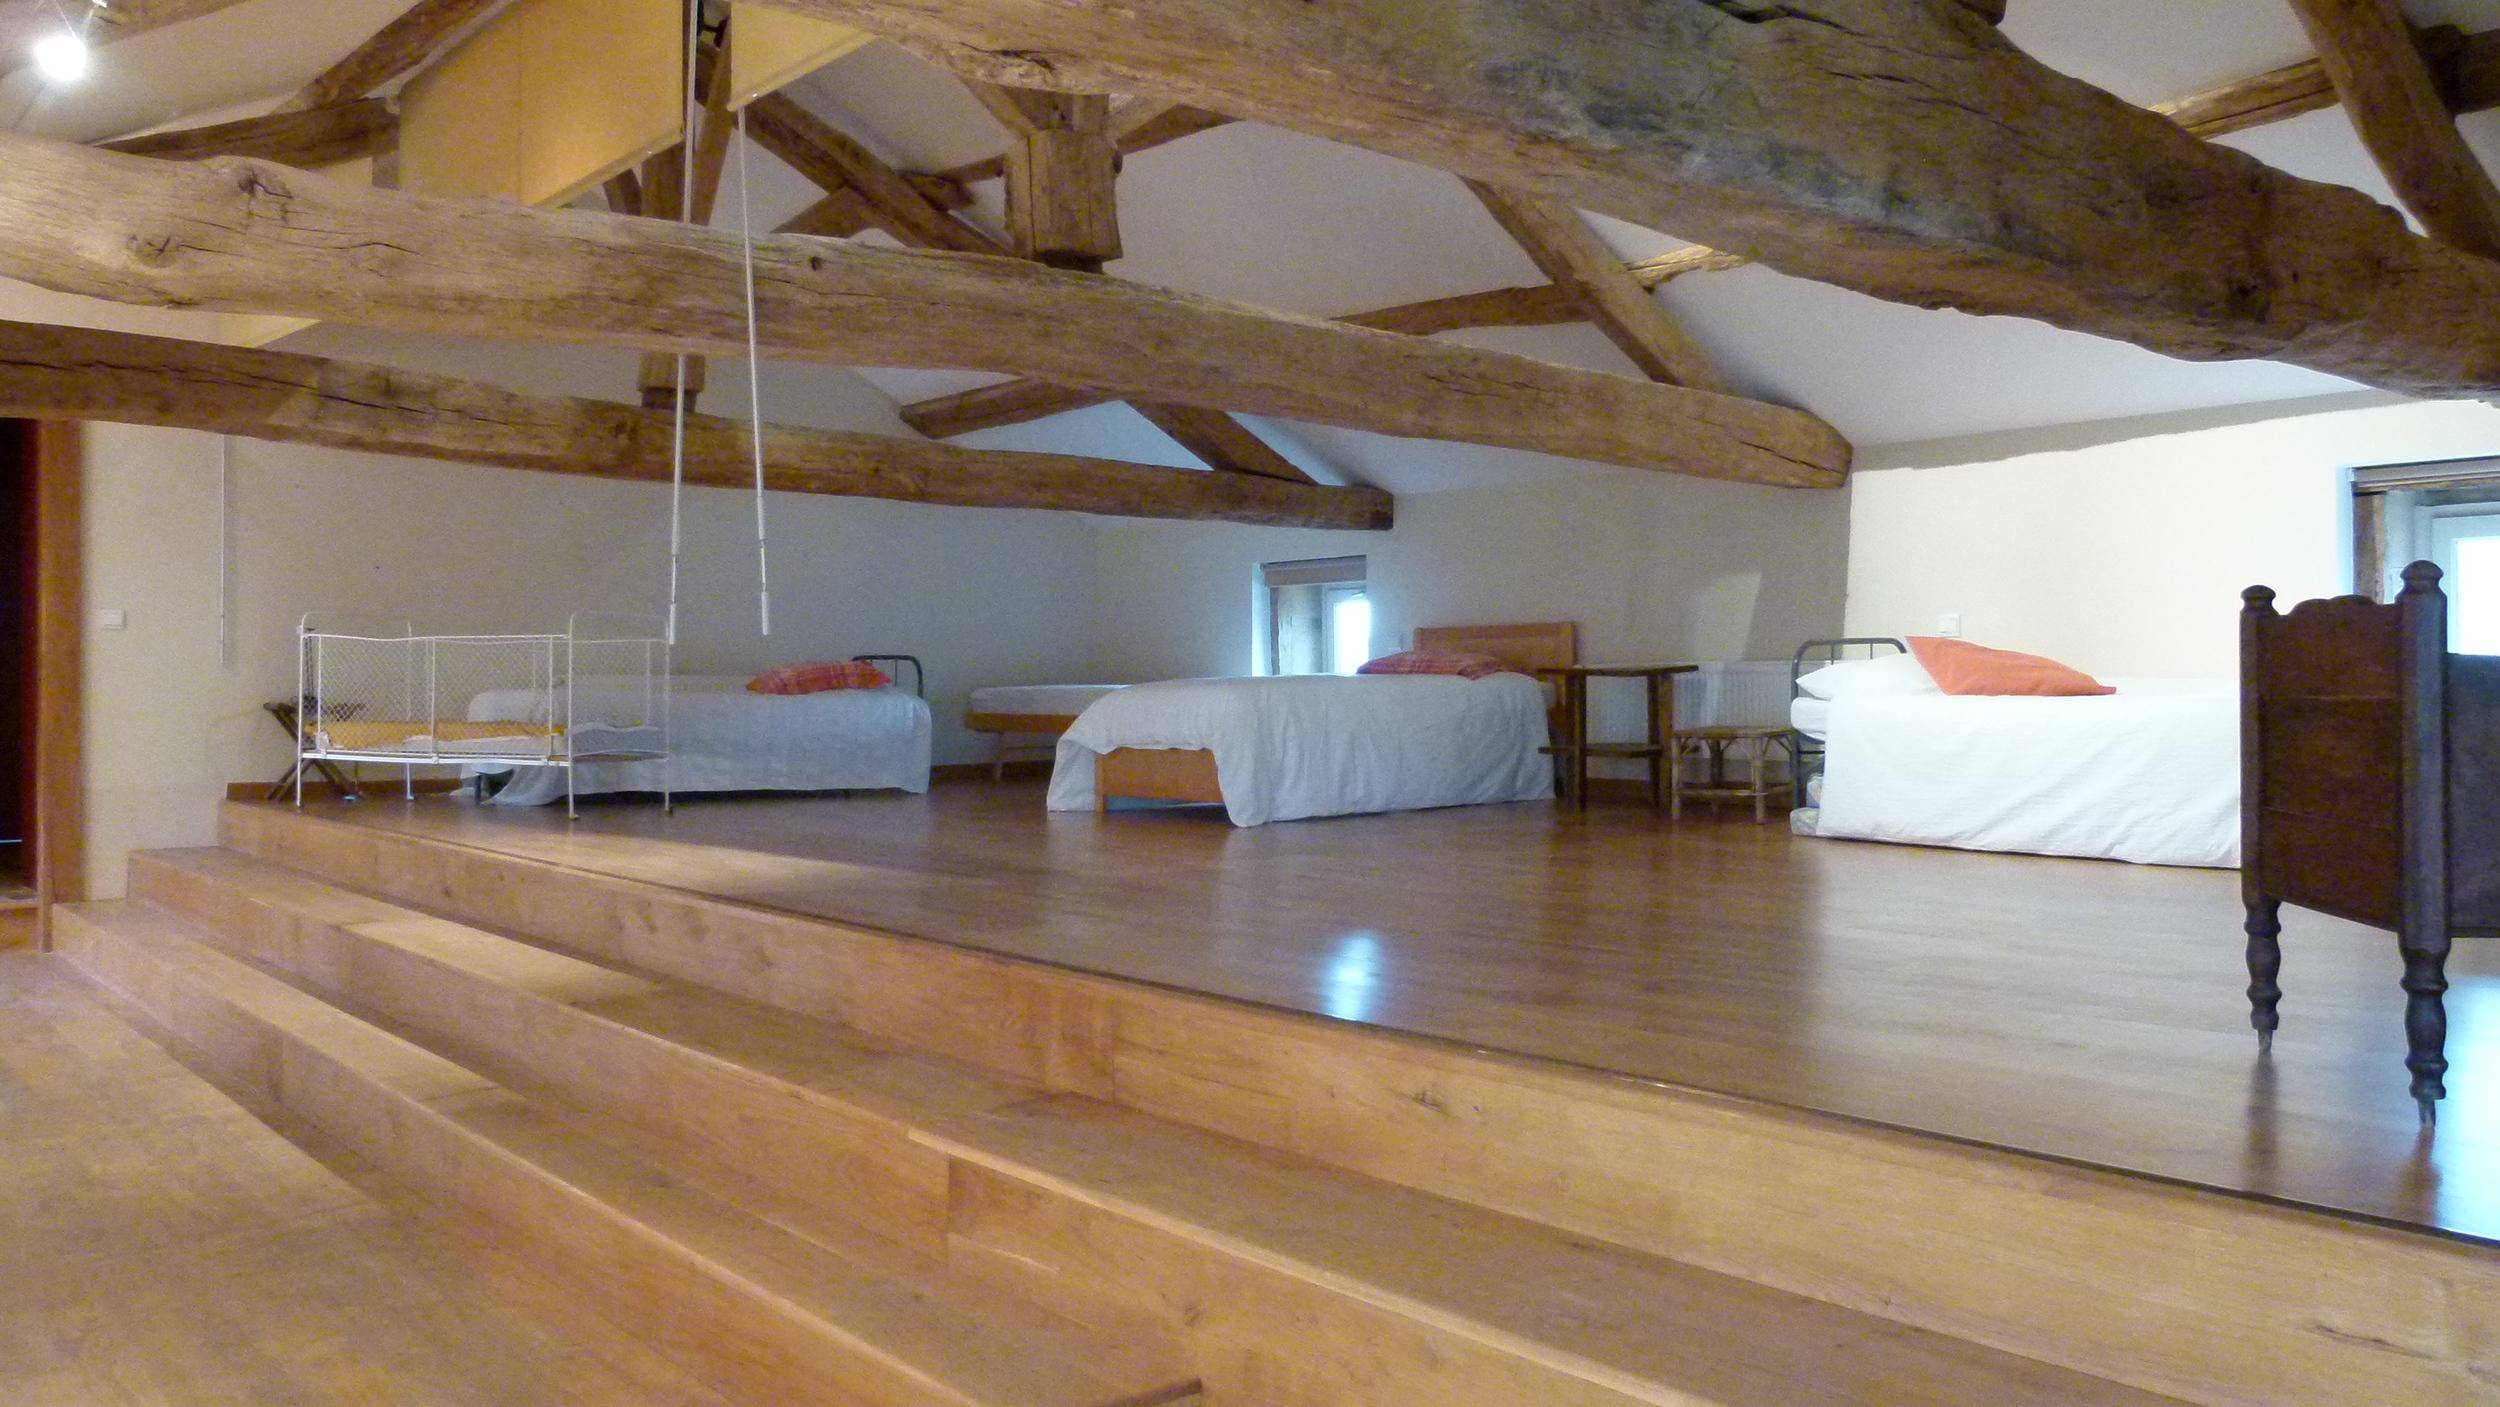 La Roche - the mezzanine